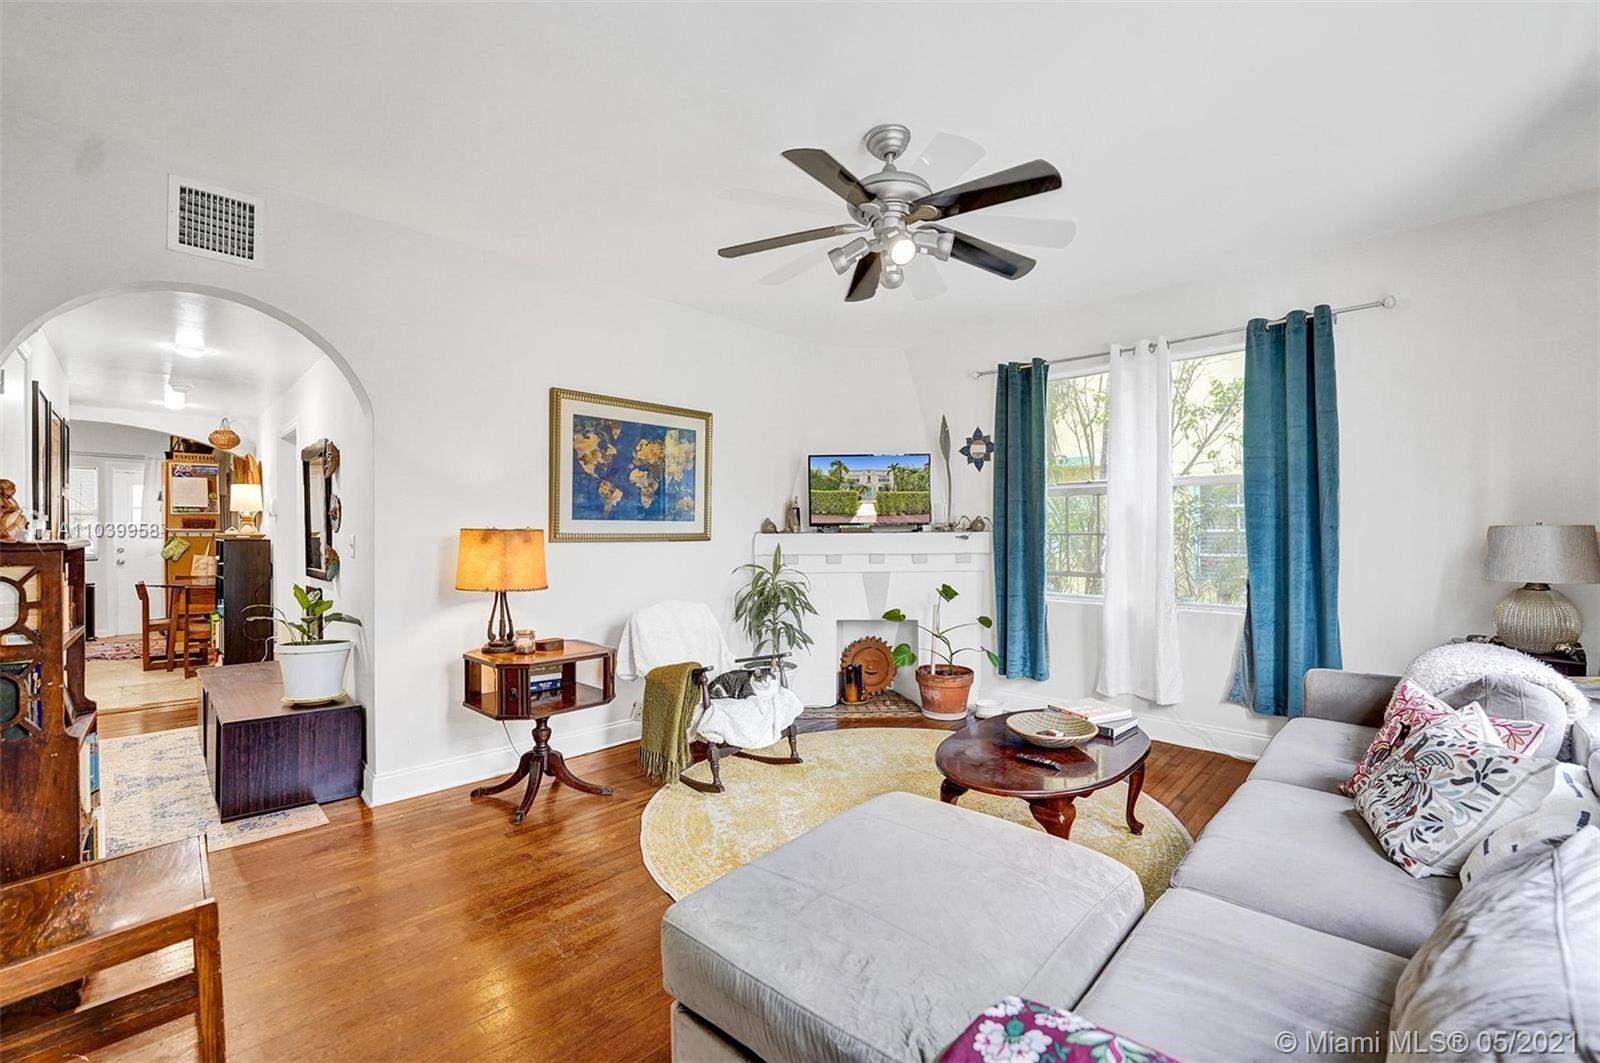 1027 Euclid Ave #1, Miami Beach, FL 33139 - #: A11039958